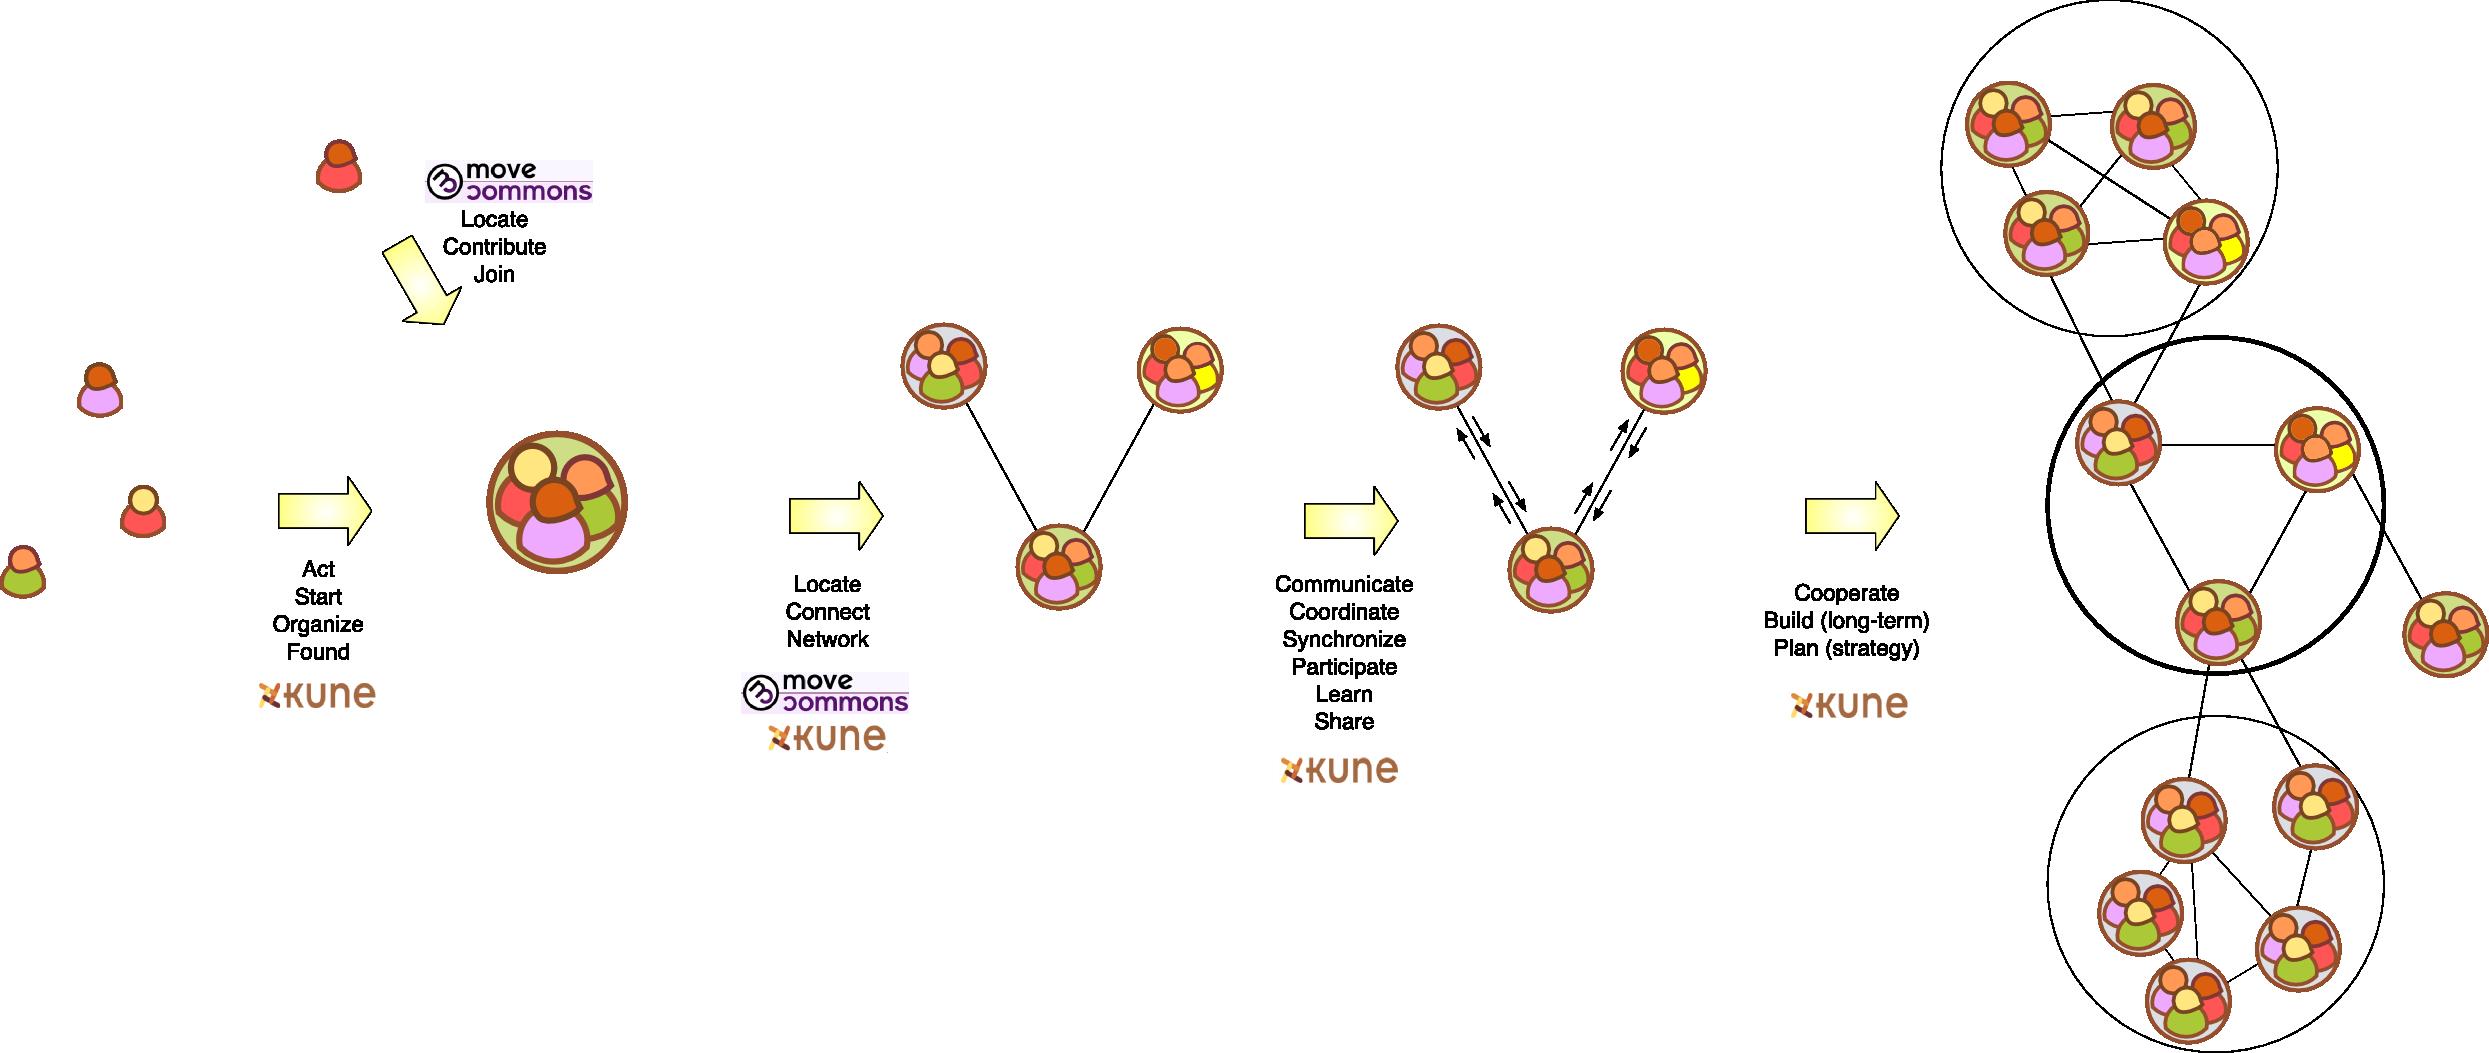 comunes-network-v4.1.png